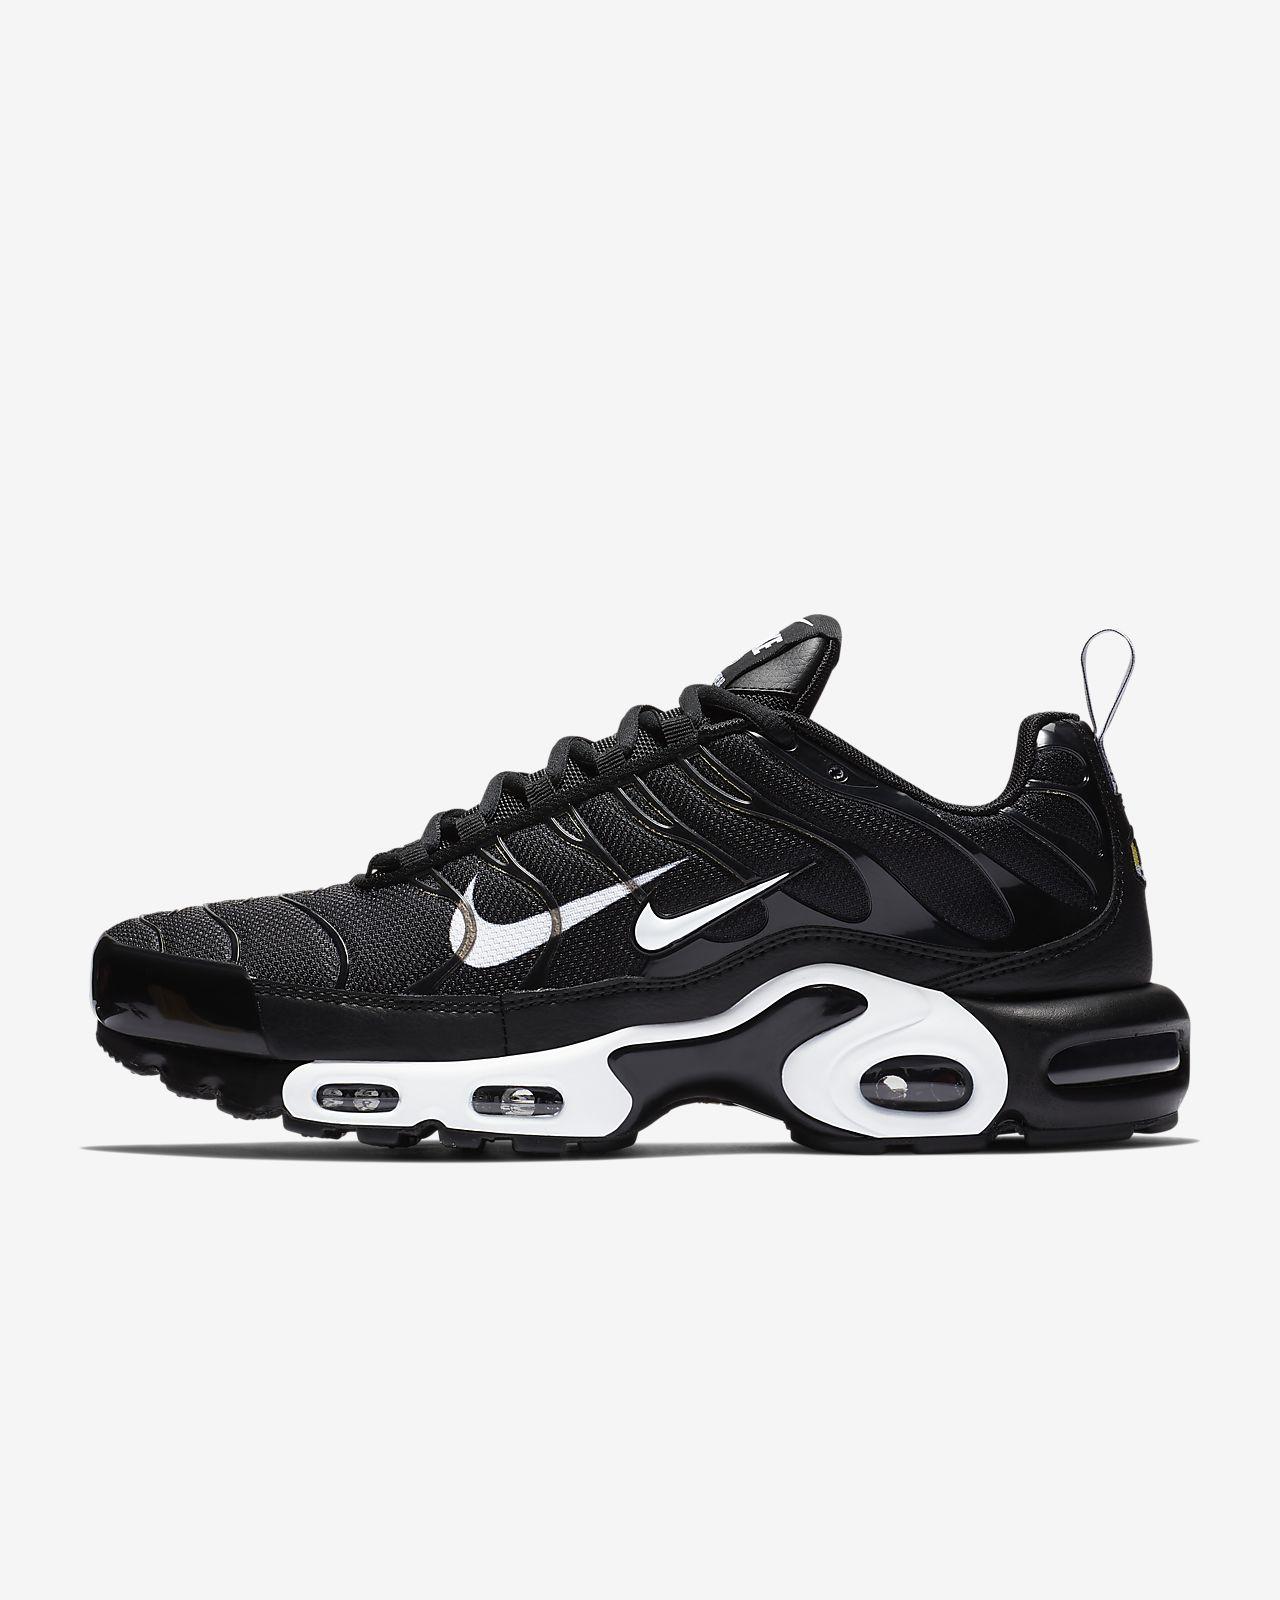 outlet store afaac 0788a ... Sko Nike Air Max Plus Premium för män